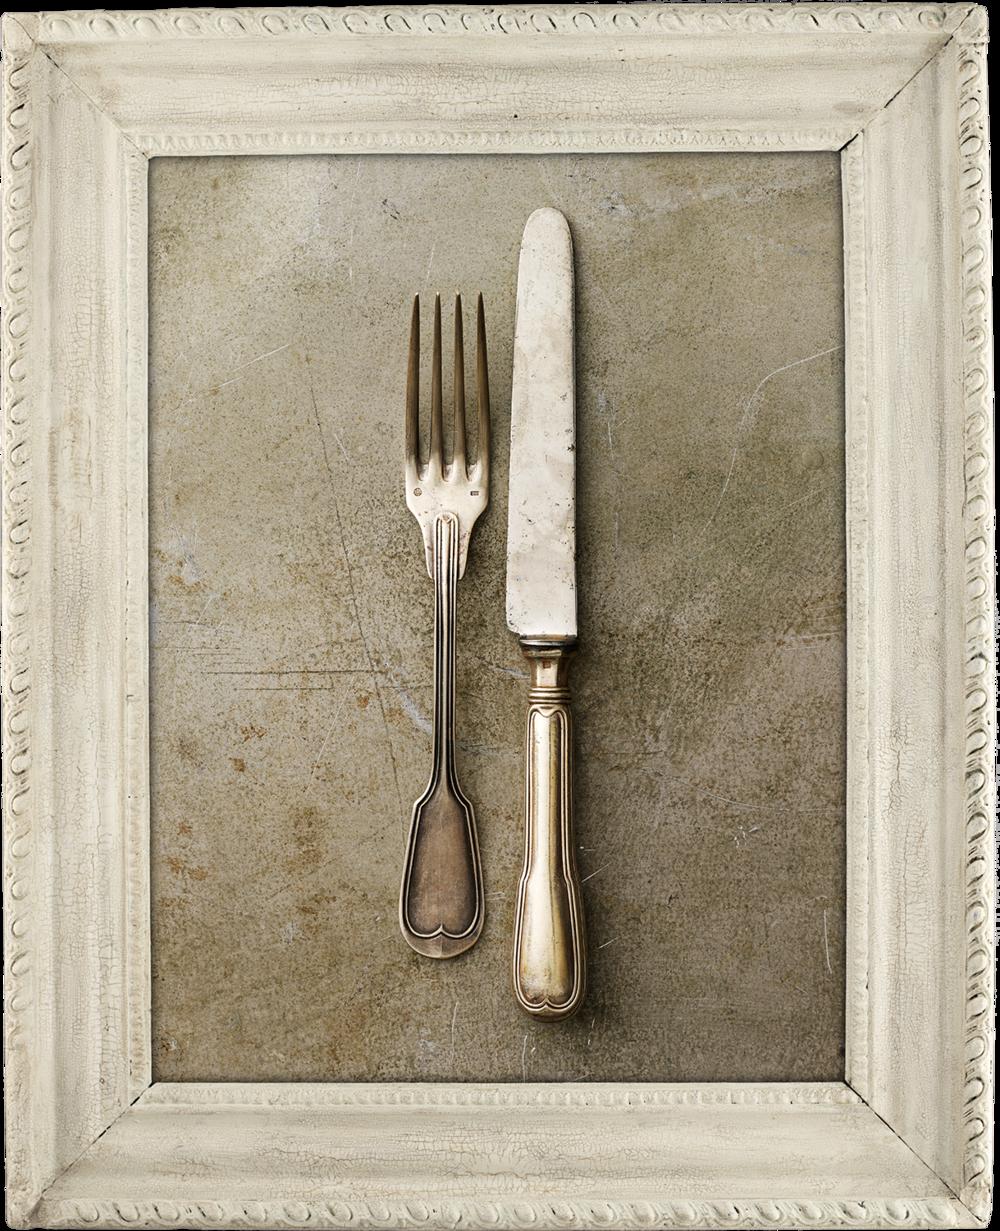 #46_Knife&Fork